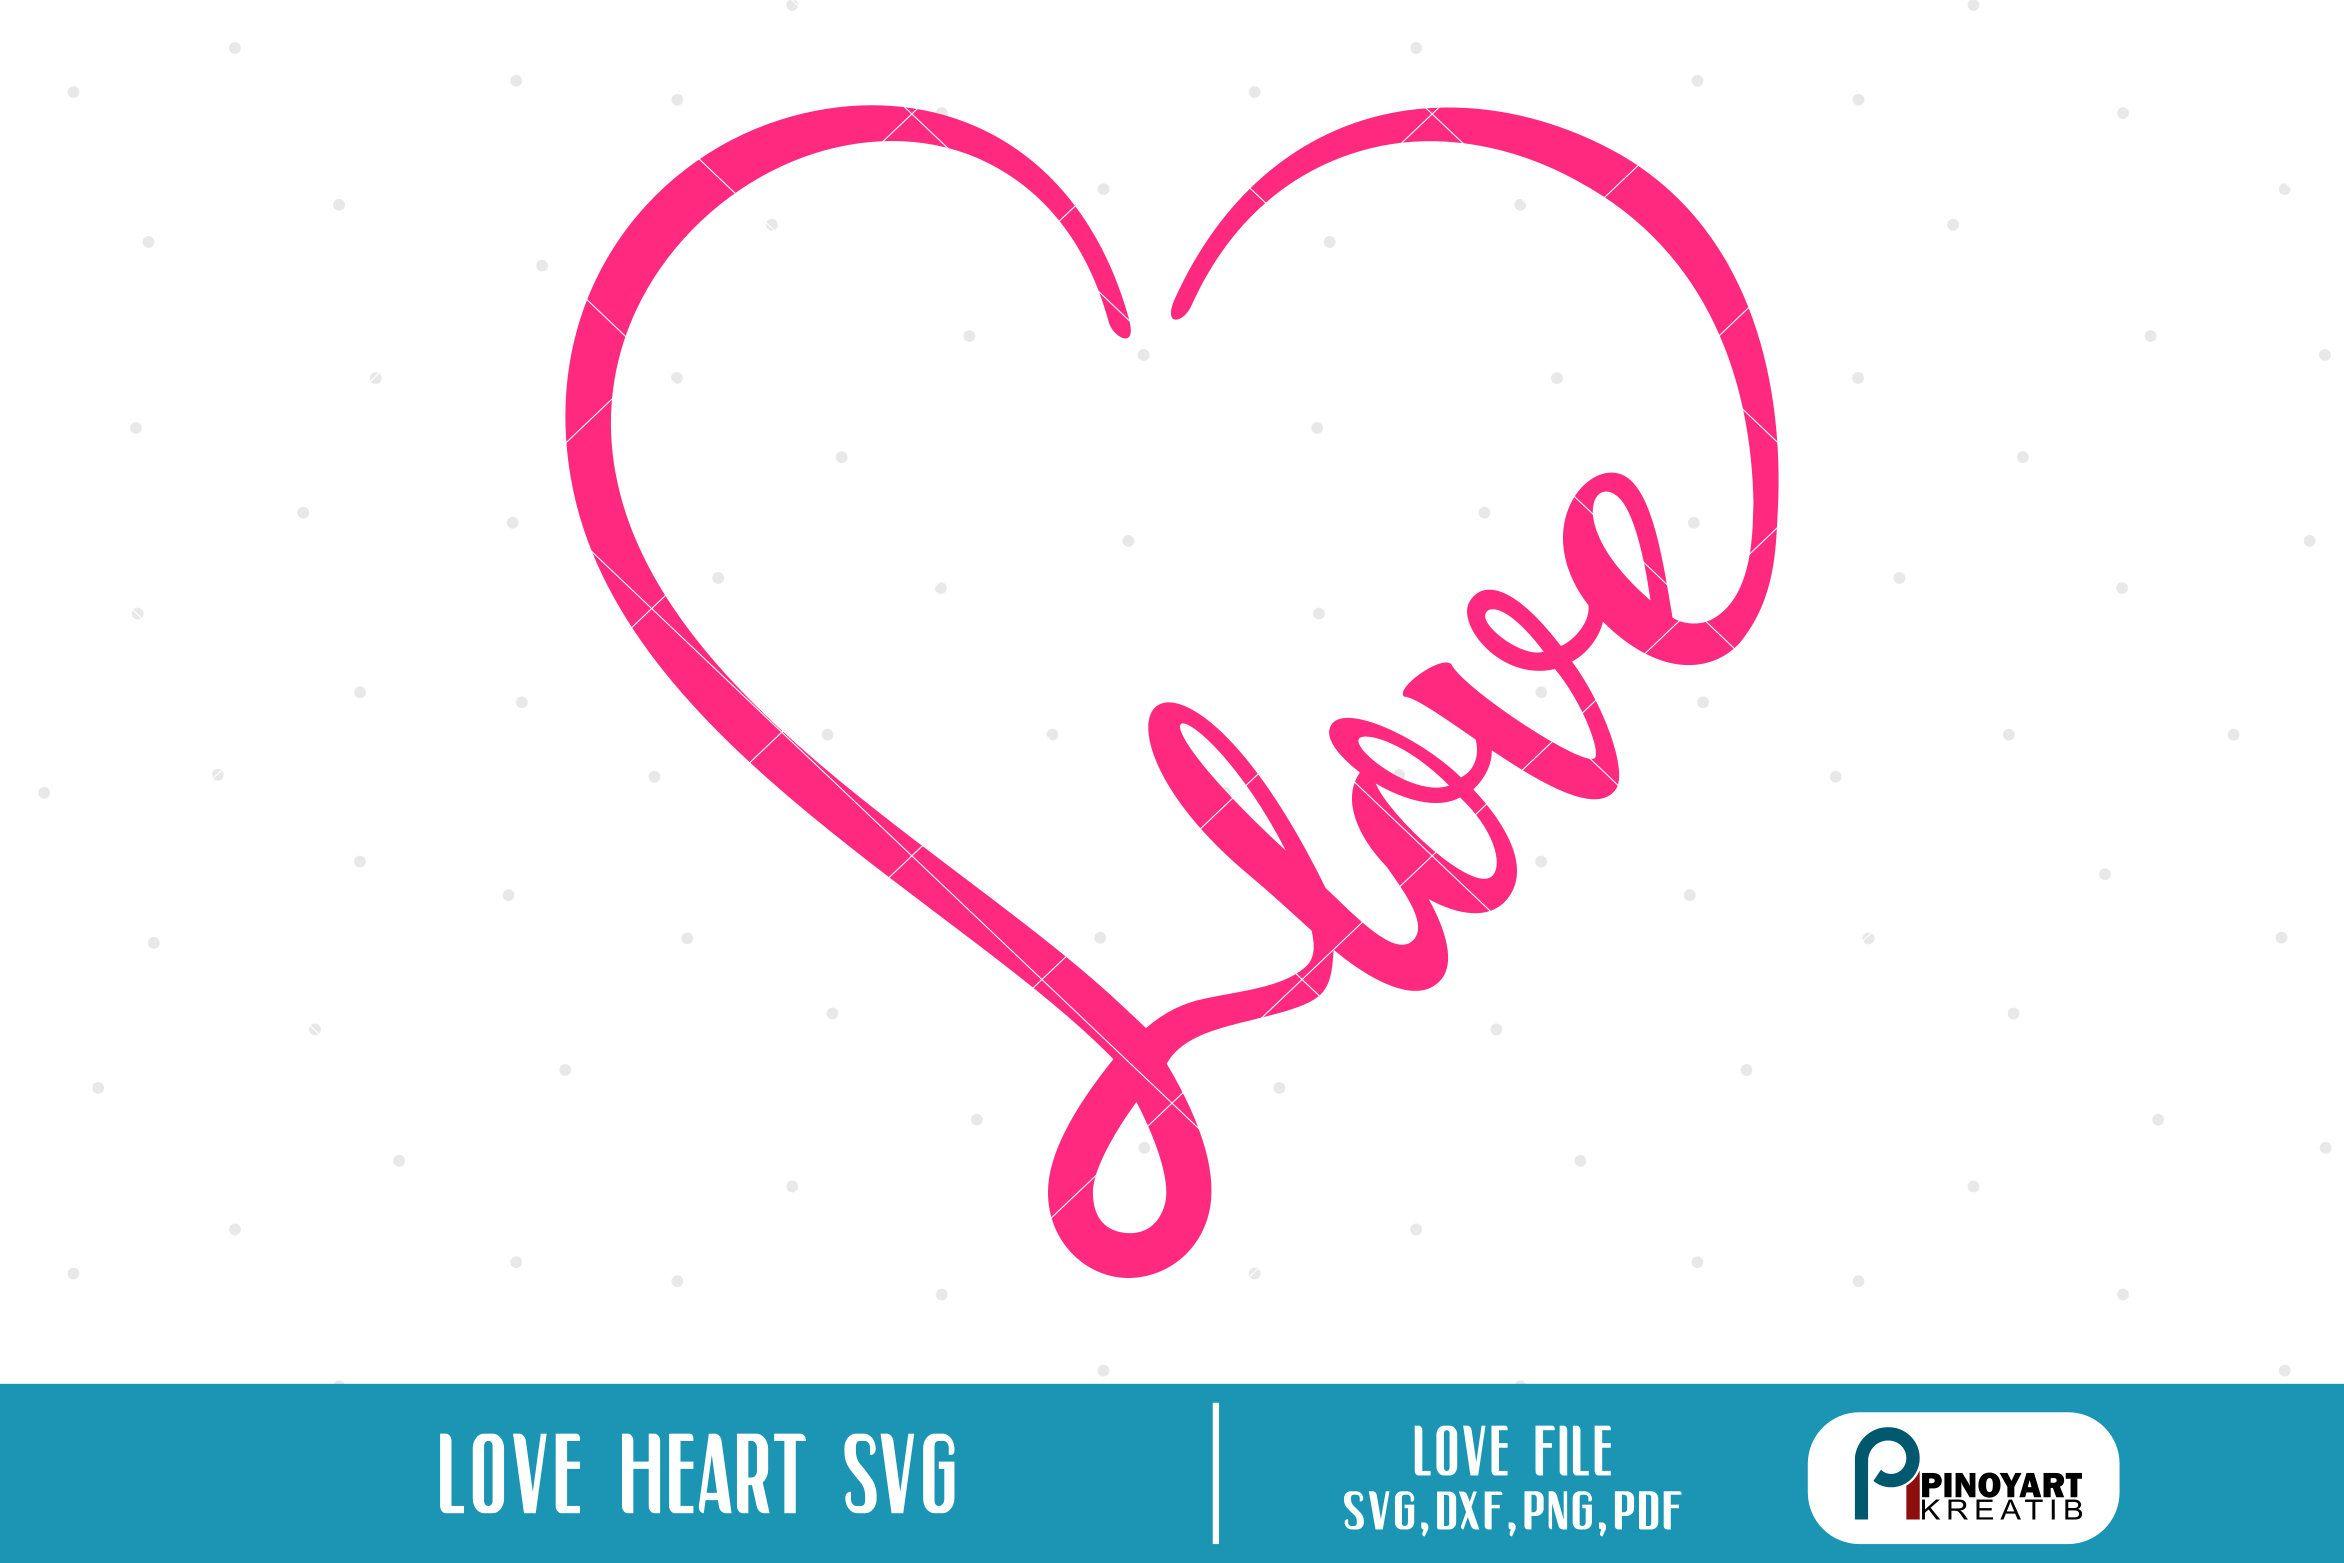 Download Love Heart Svg, Valentine Heart Svg, Love Svg, Heart Svg ...